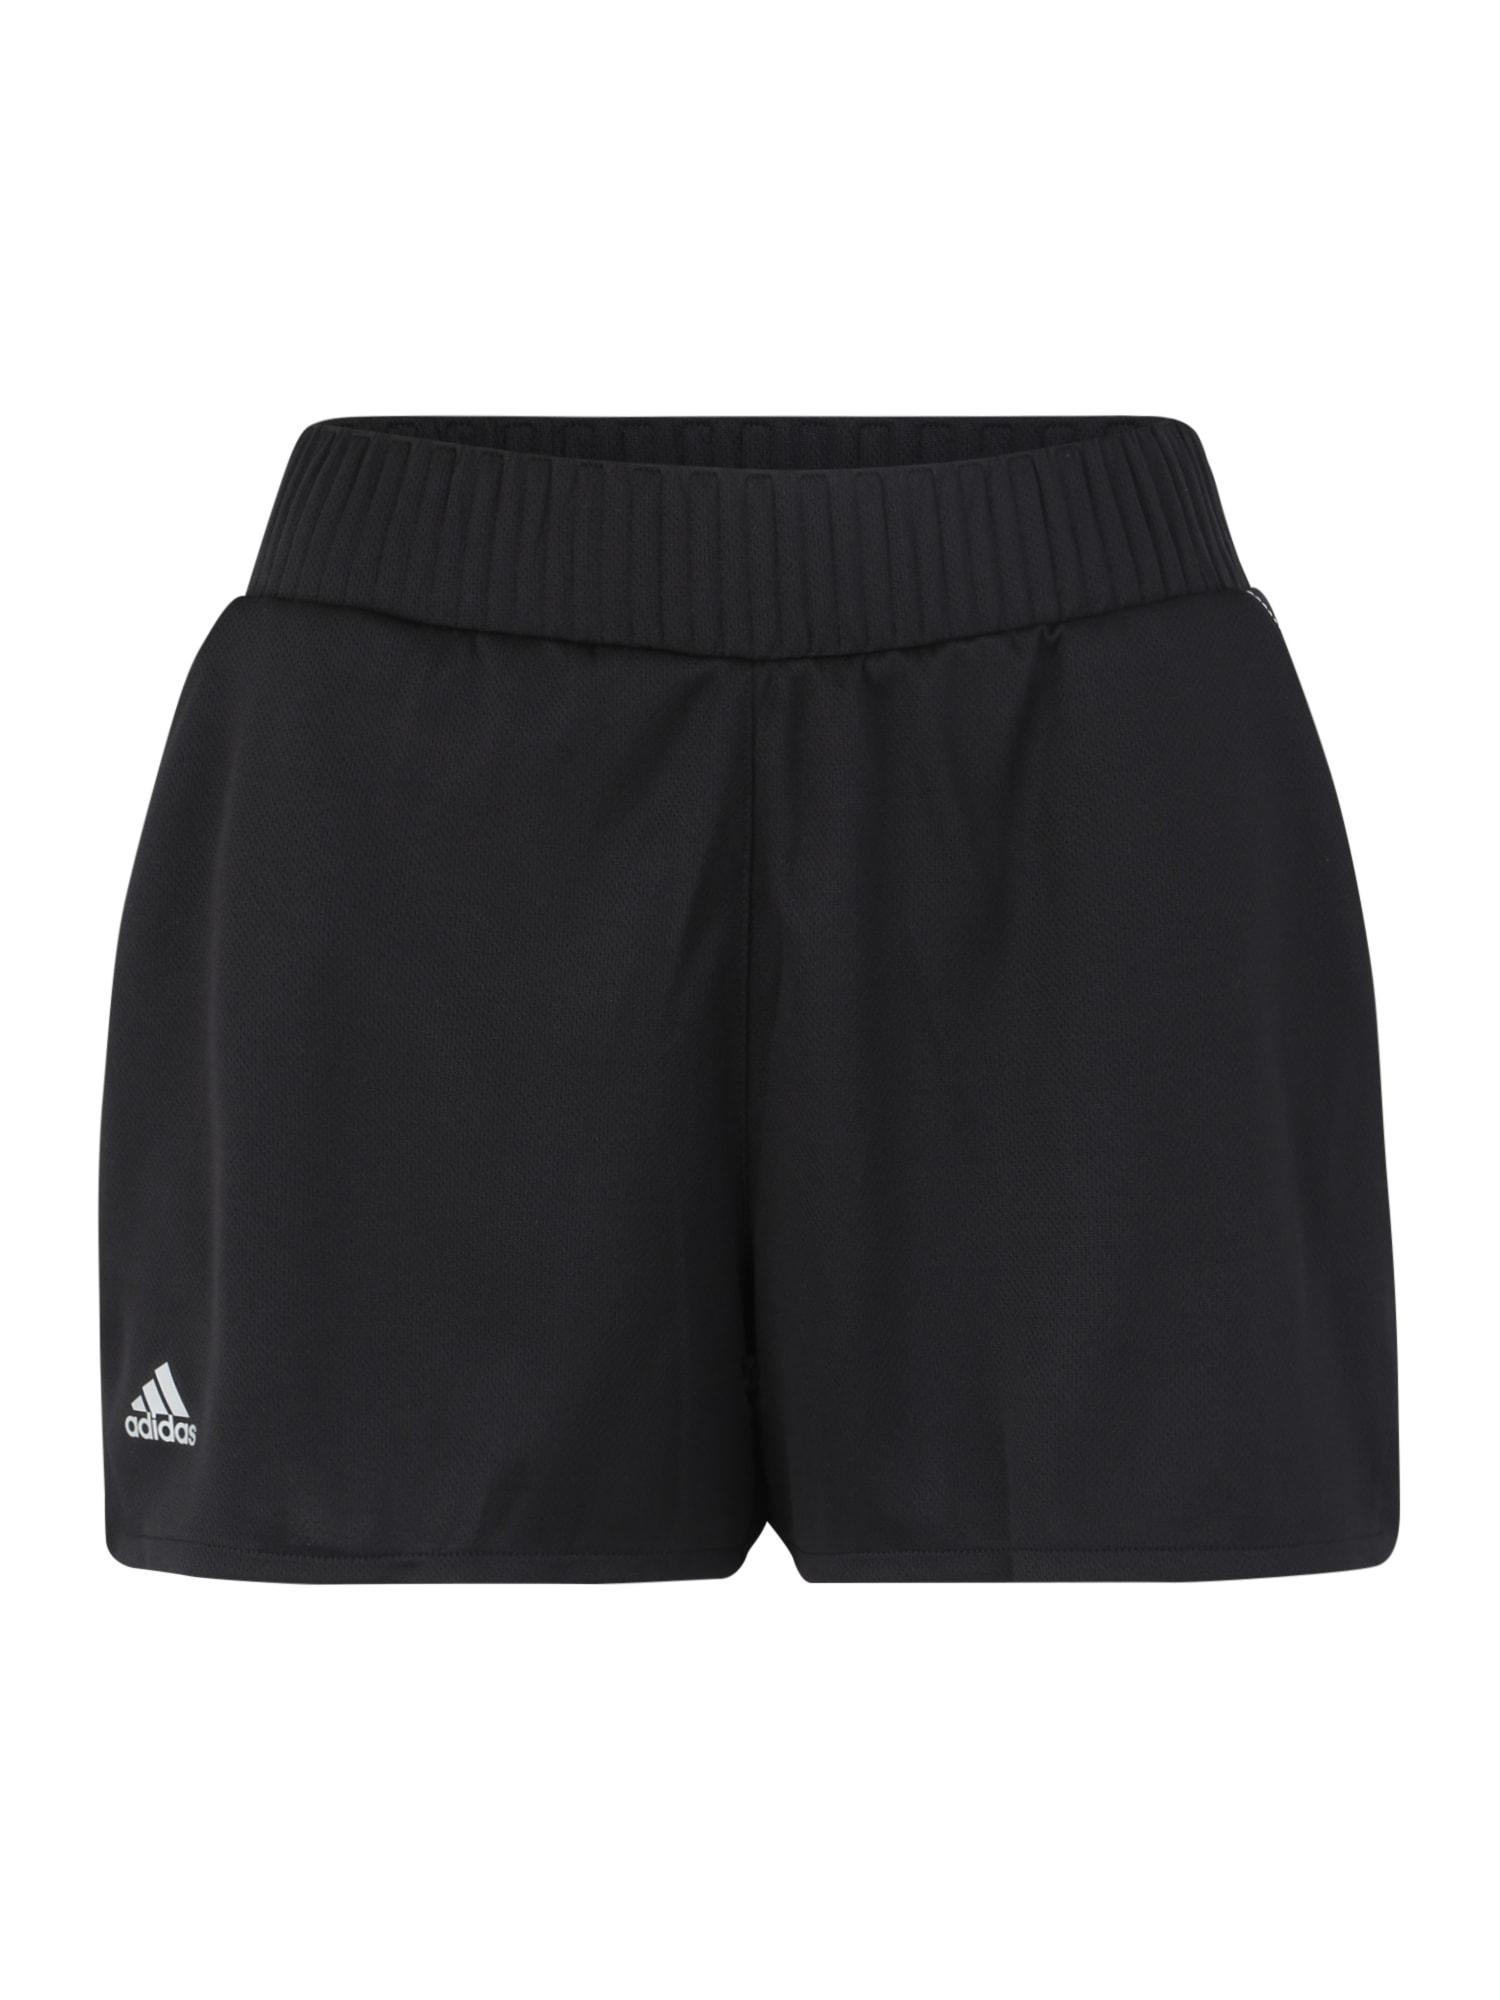 ADIDAS PERFORMANCE Sportinės kelnės 'CLUB HR SHORT' juoda